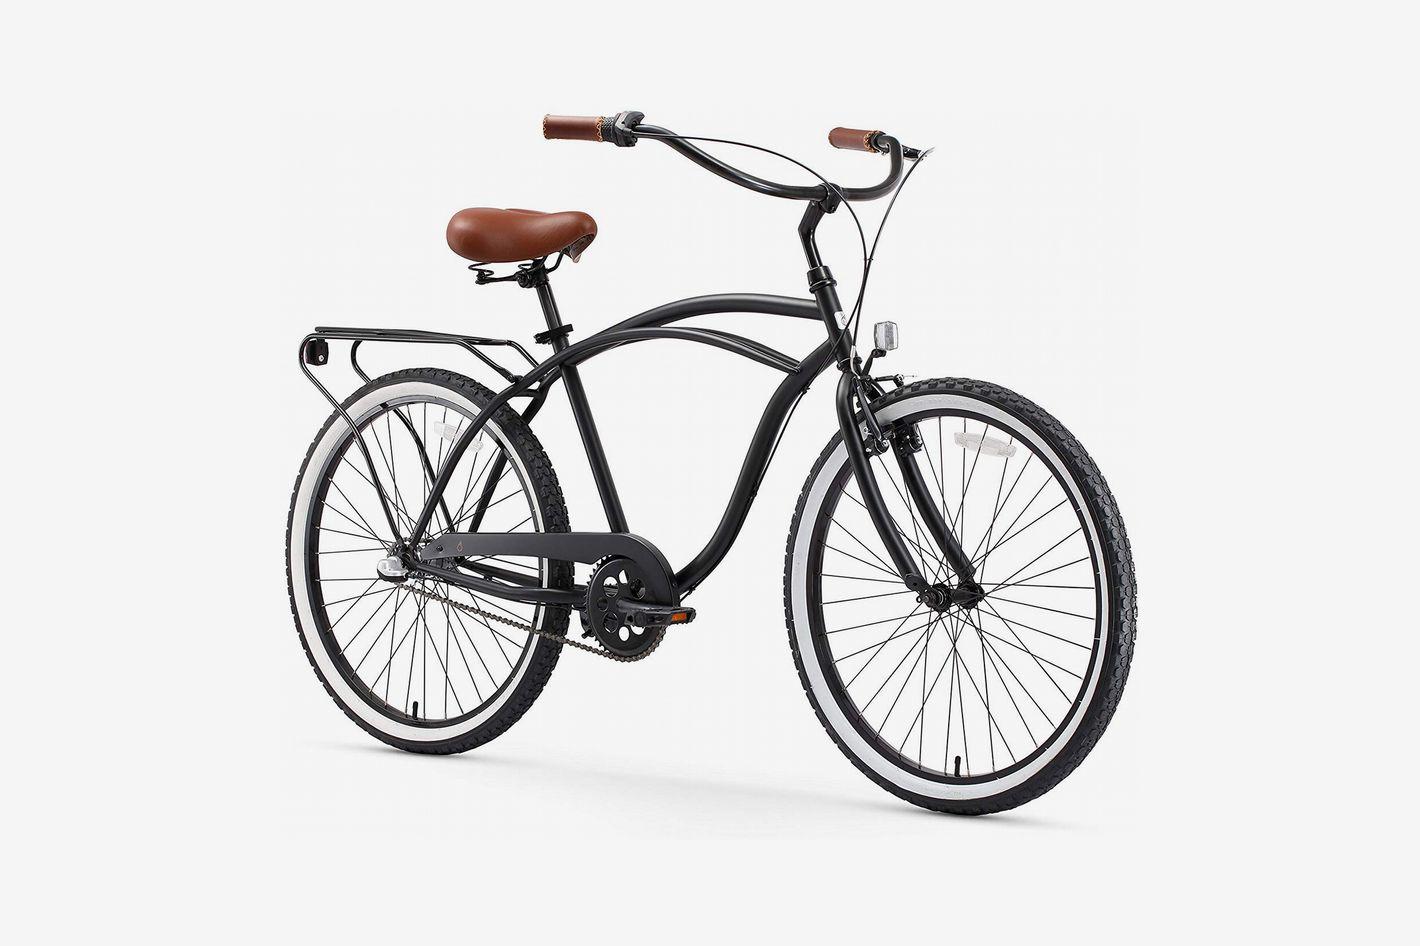 434058b5079 Sixthreezero Around the Block Men's Cruiser Bike